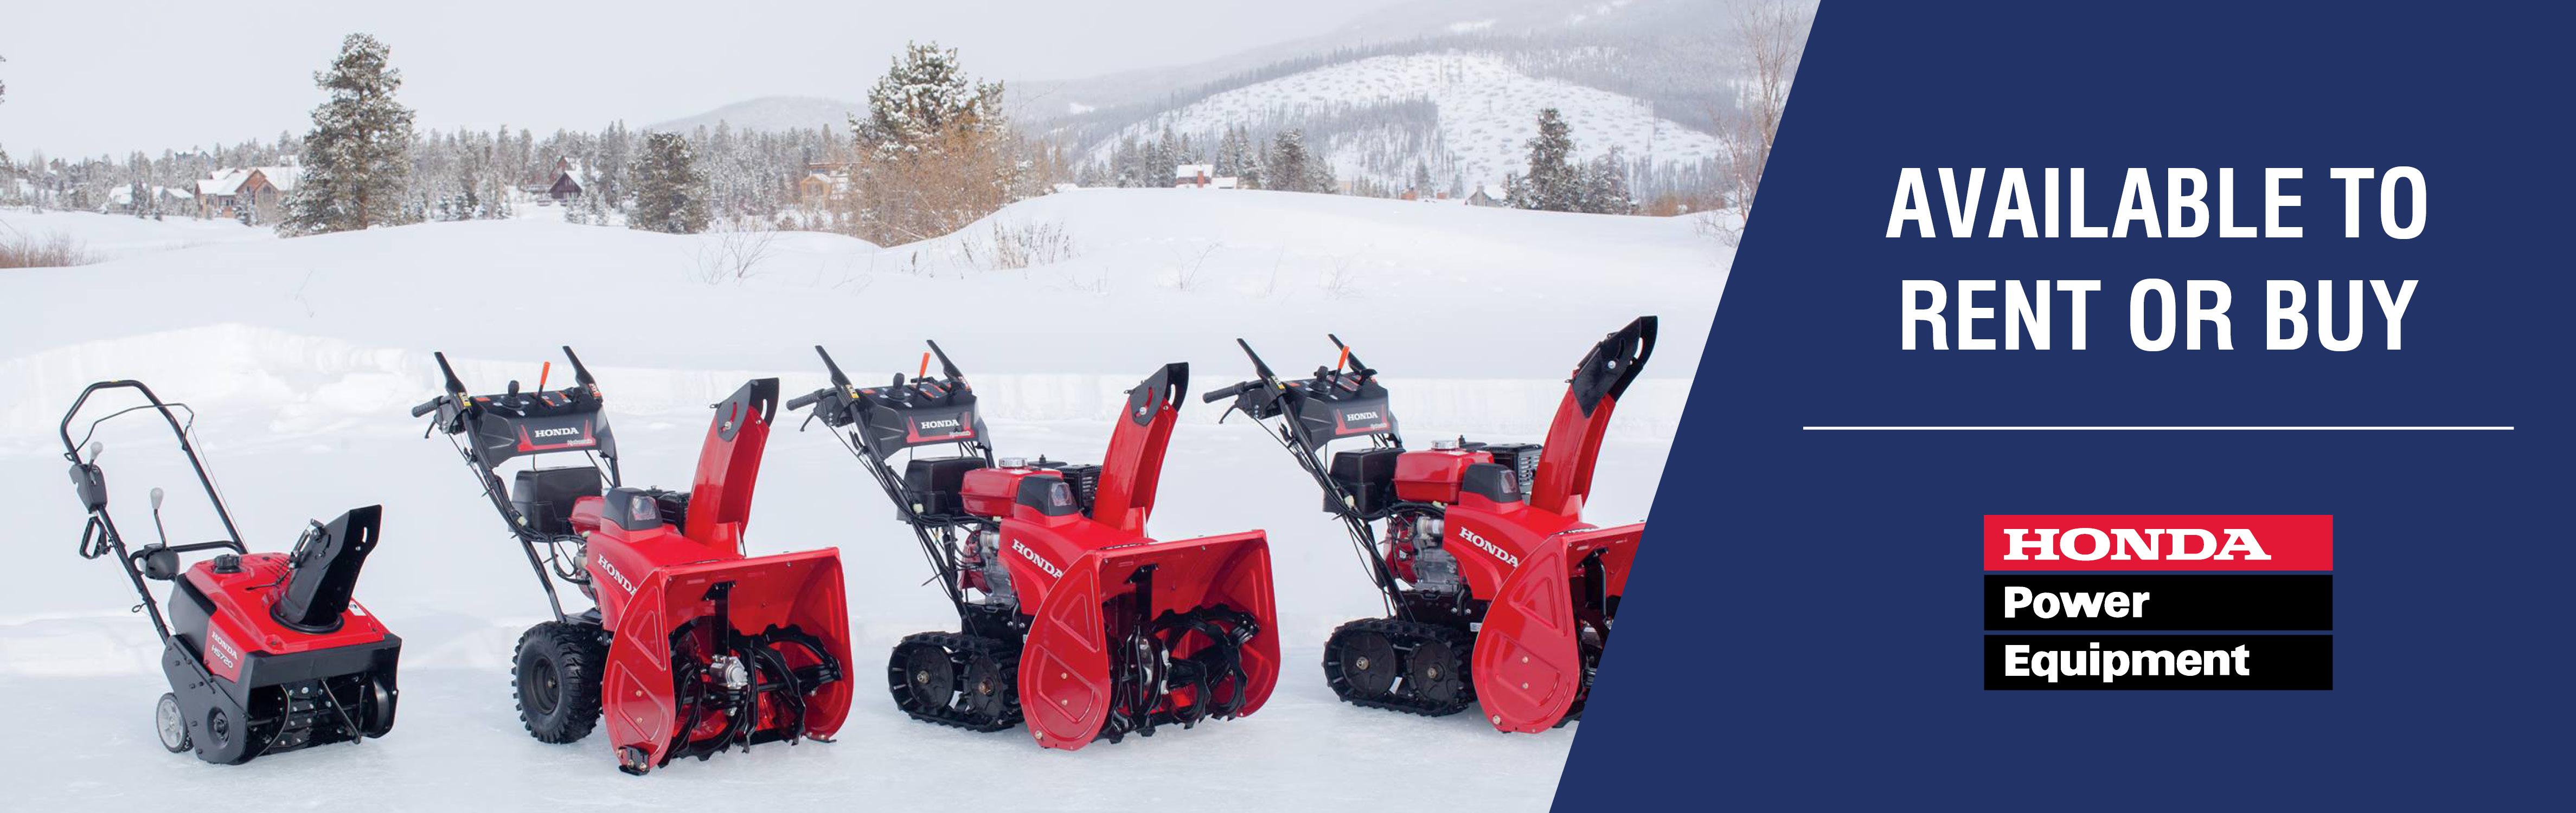 Sliders-Snowblowers-Power-Equipment4